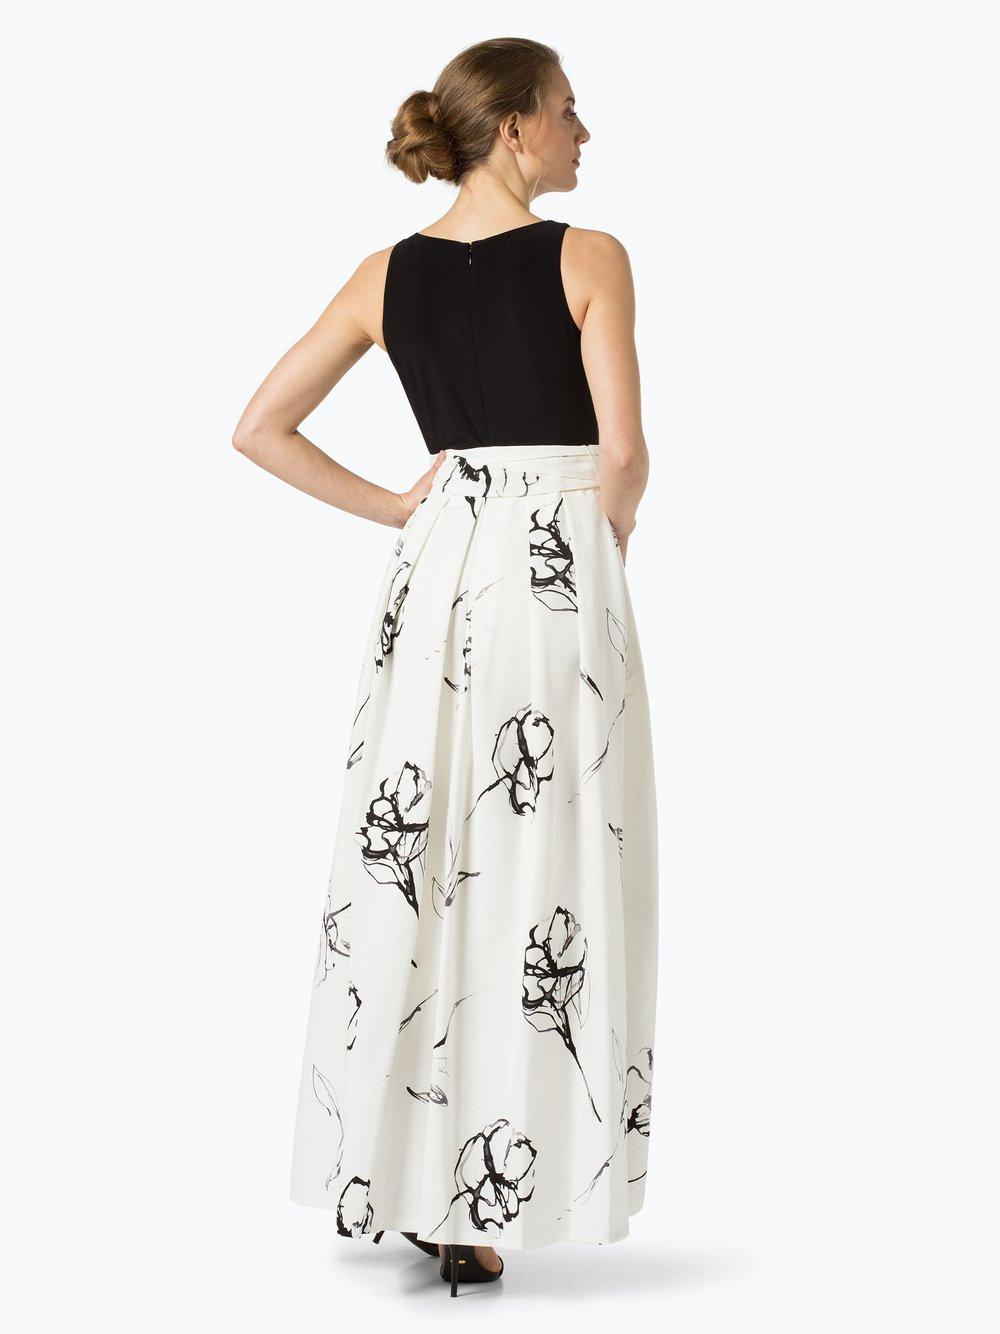 Designer Einzigartig Ralph Lauren Abend Kleid GalerieDesigner Ausgezeichnet Ralph Lauren Abend Kleid Design